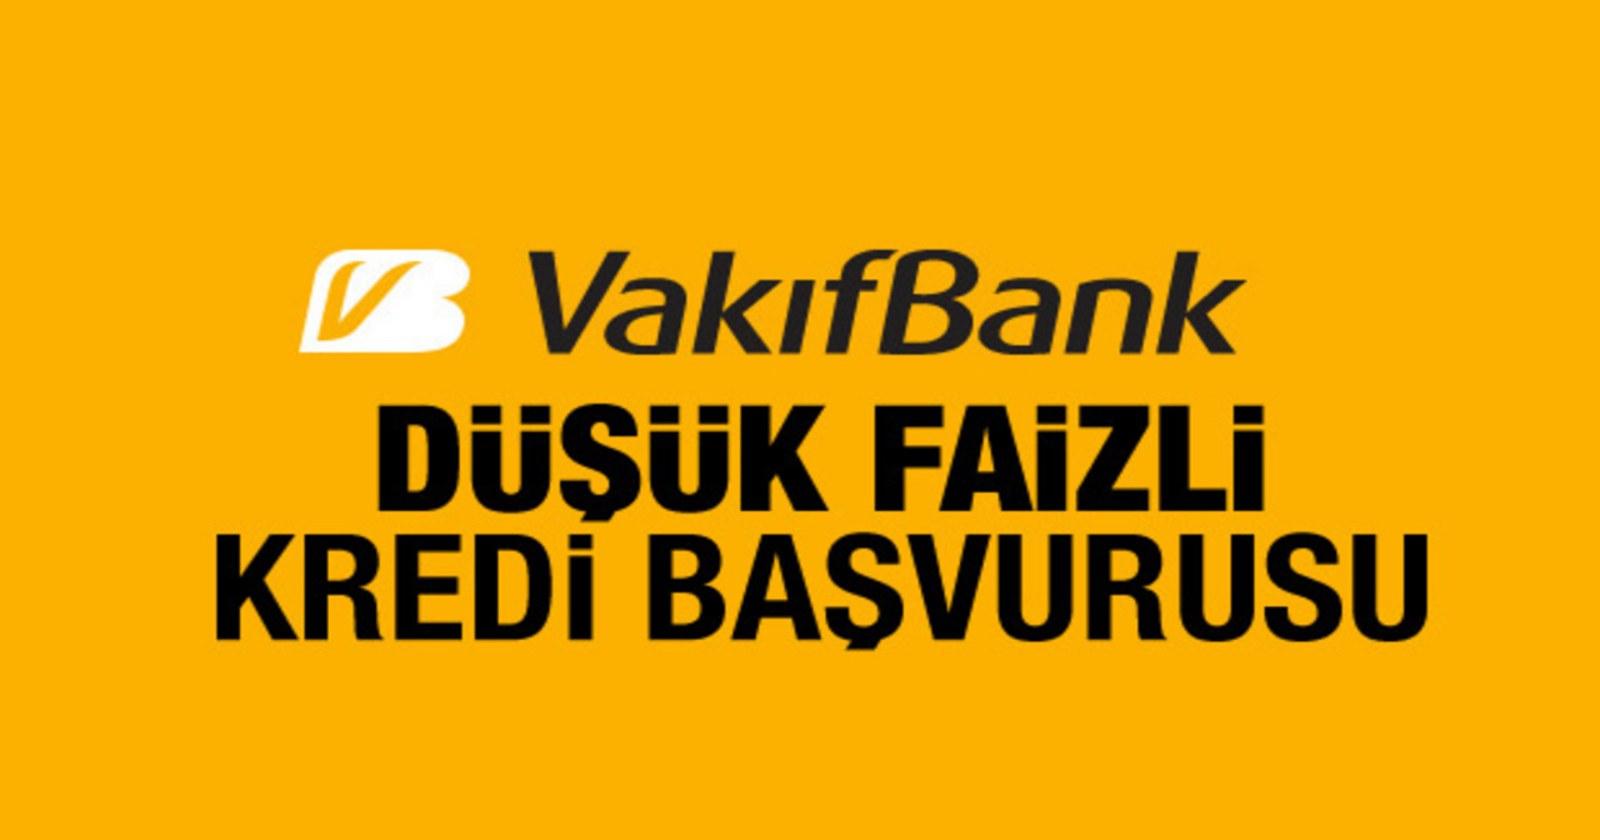 vakıfbank ziraat bankası düşük faizli kredi